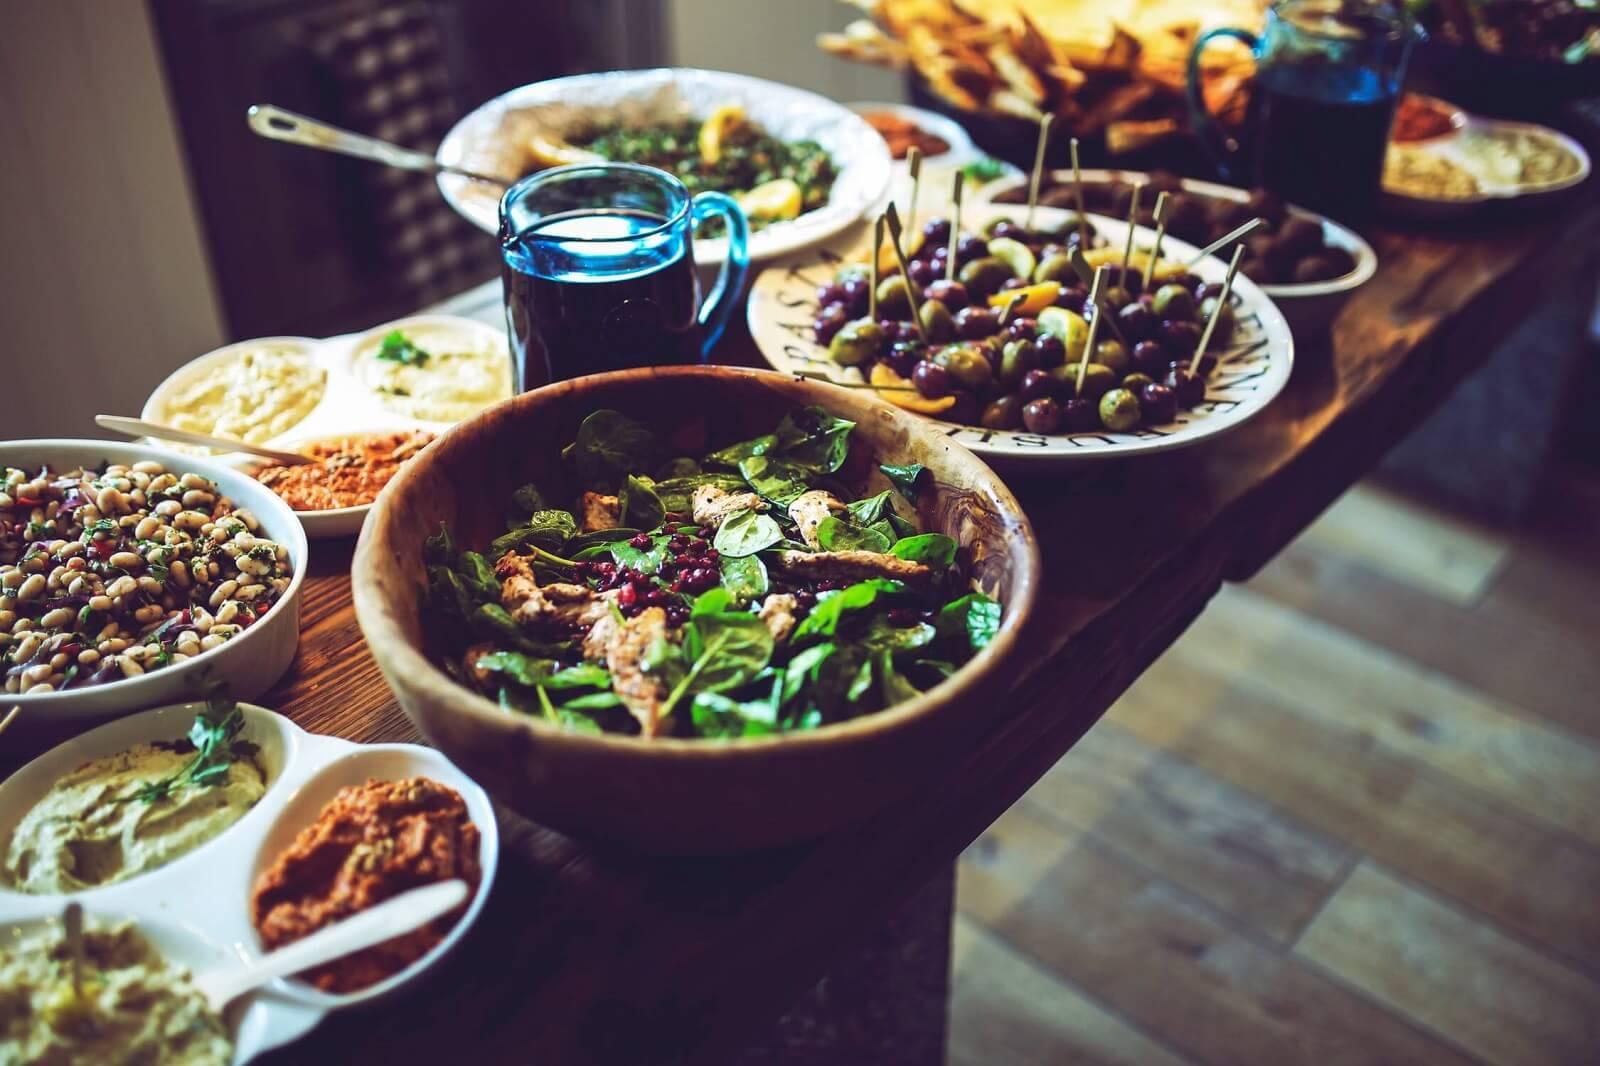 kwaliteit van voedsel in hotels gaat fors omhoog